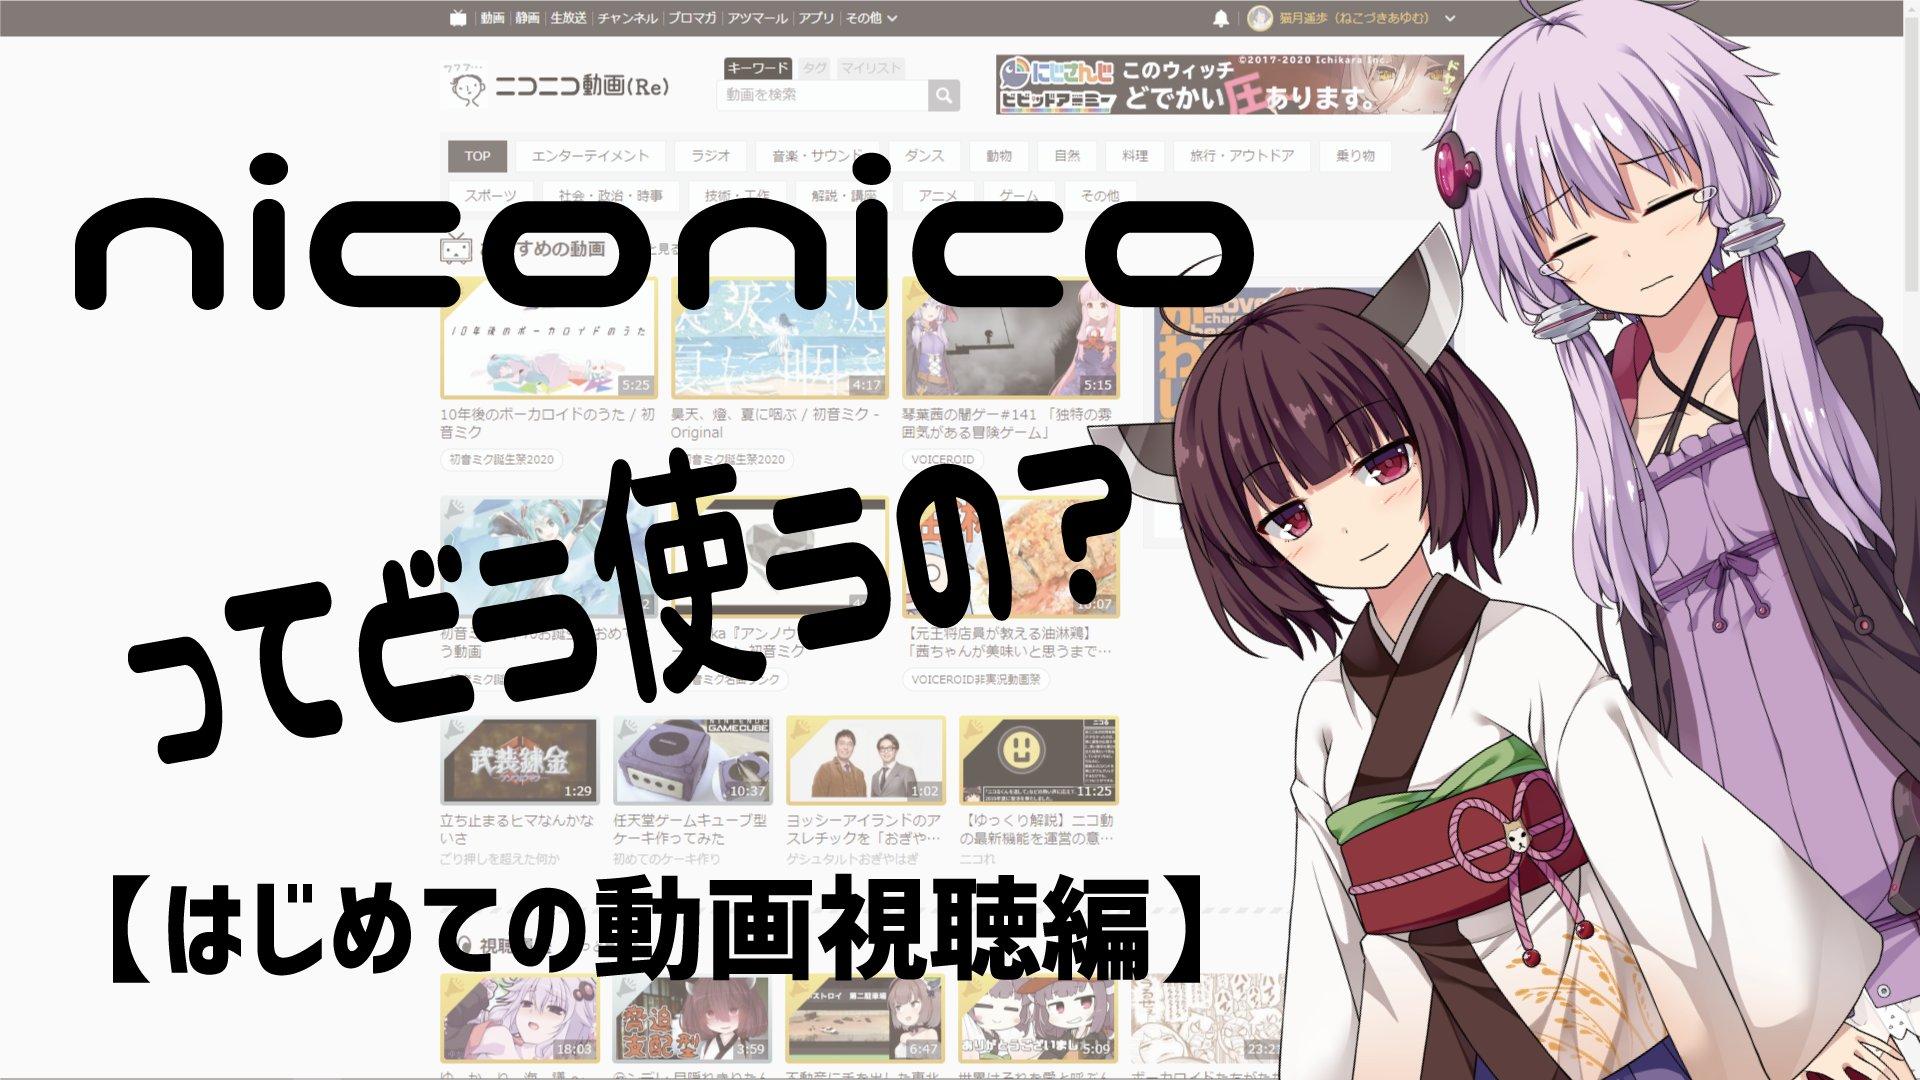 『niconicoってどう使うの?』シリーズ投稿者による、動画投稿の目的とniconicoへの想い